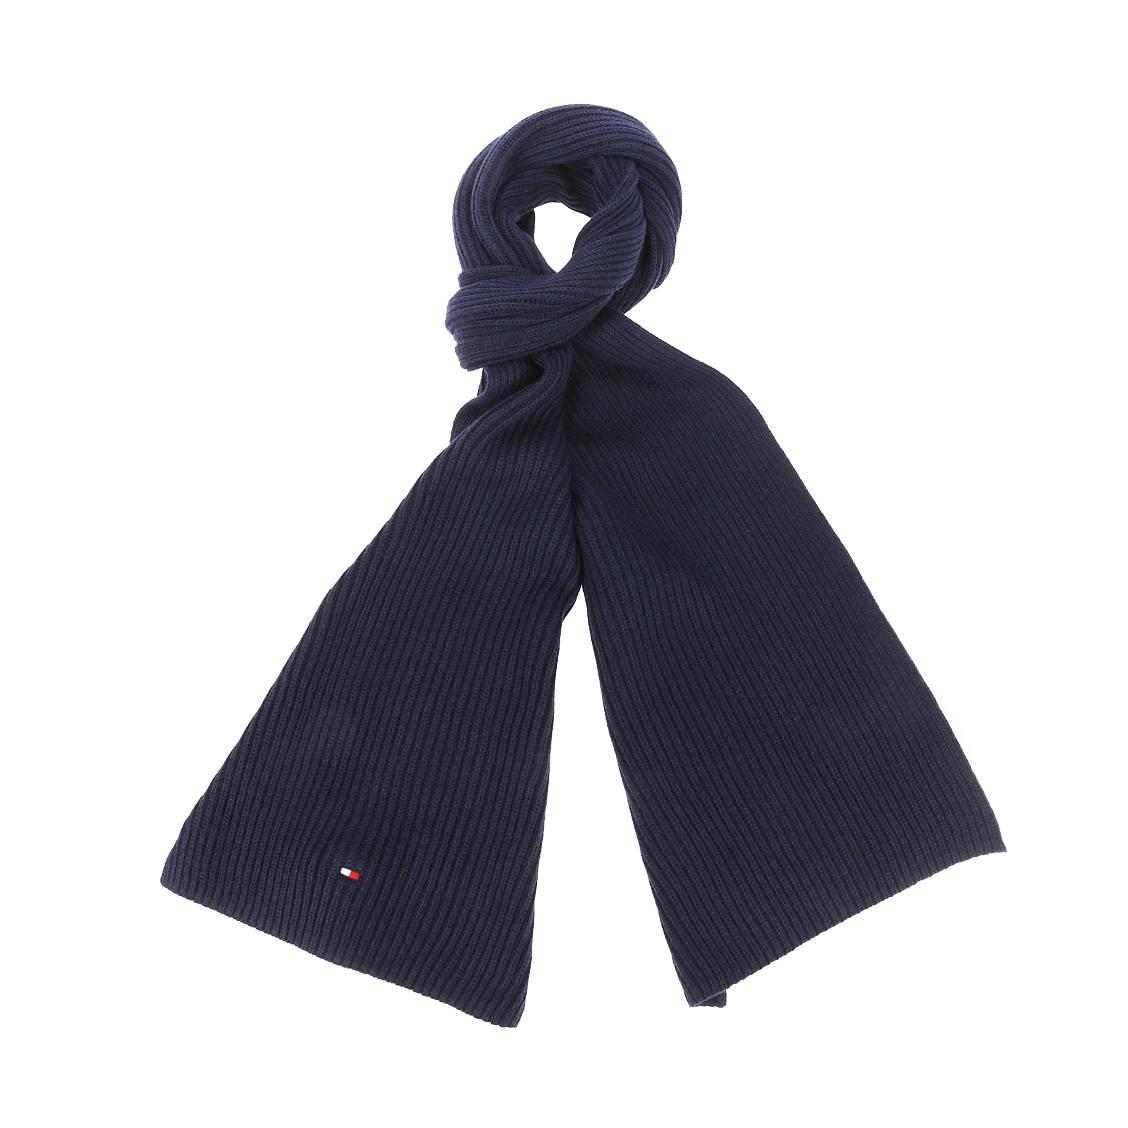 Echarpe tommy hilfiger en coton pima et cachemire bleu nuit